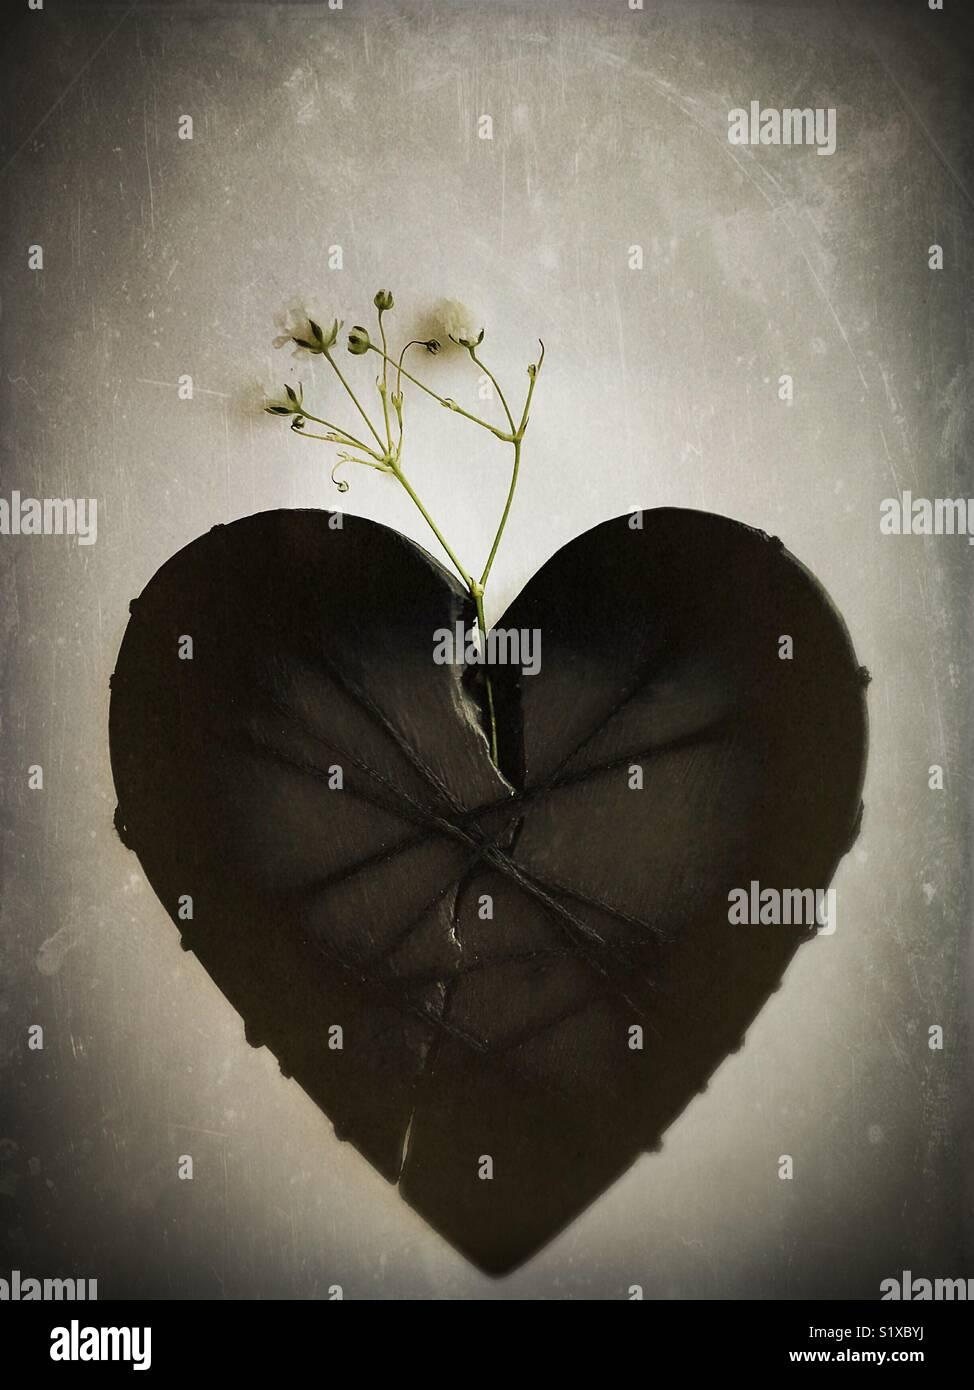 Un cœur brisé sur la voie de la guérison. Photo Stock